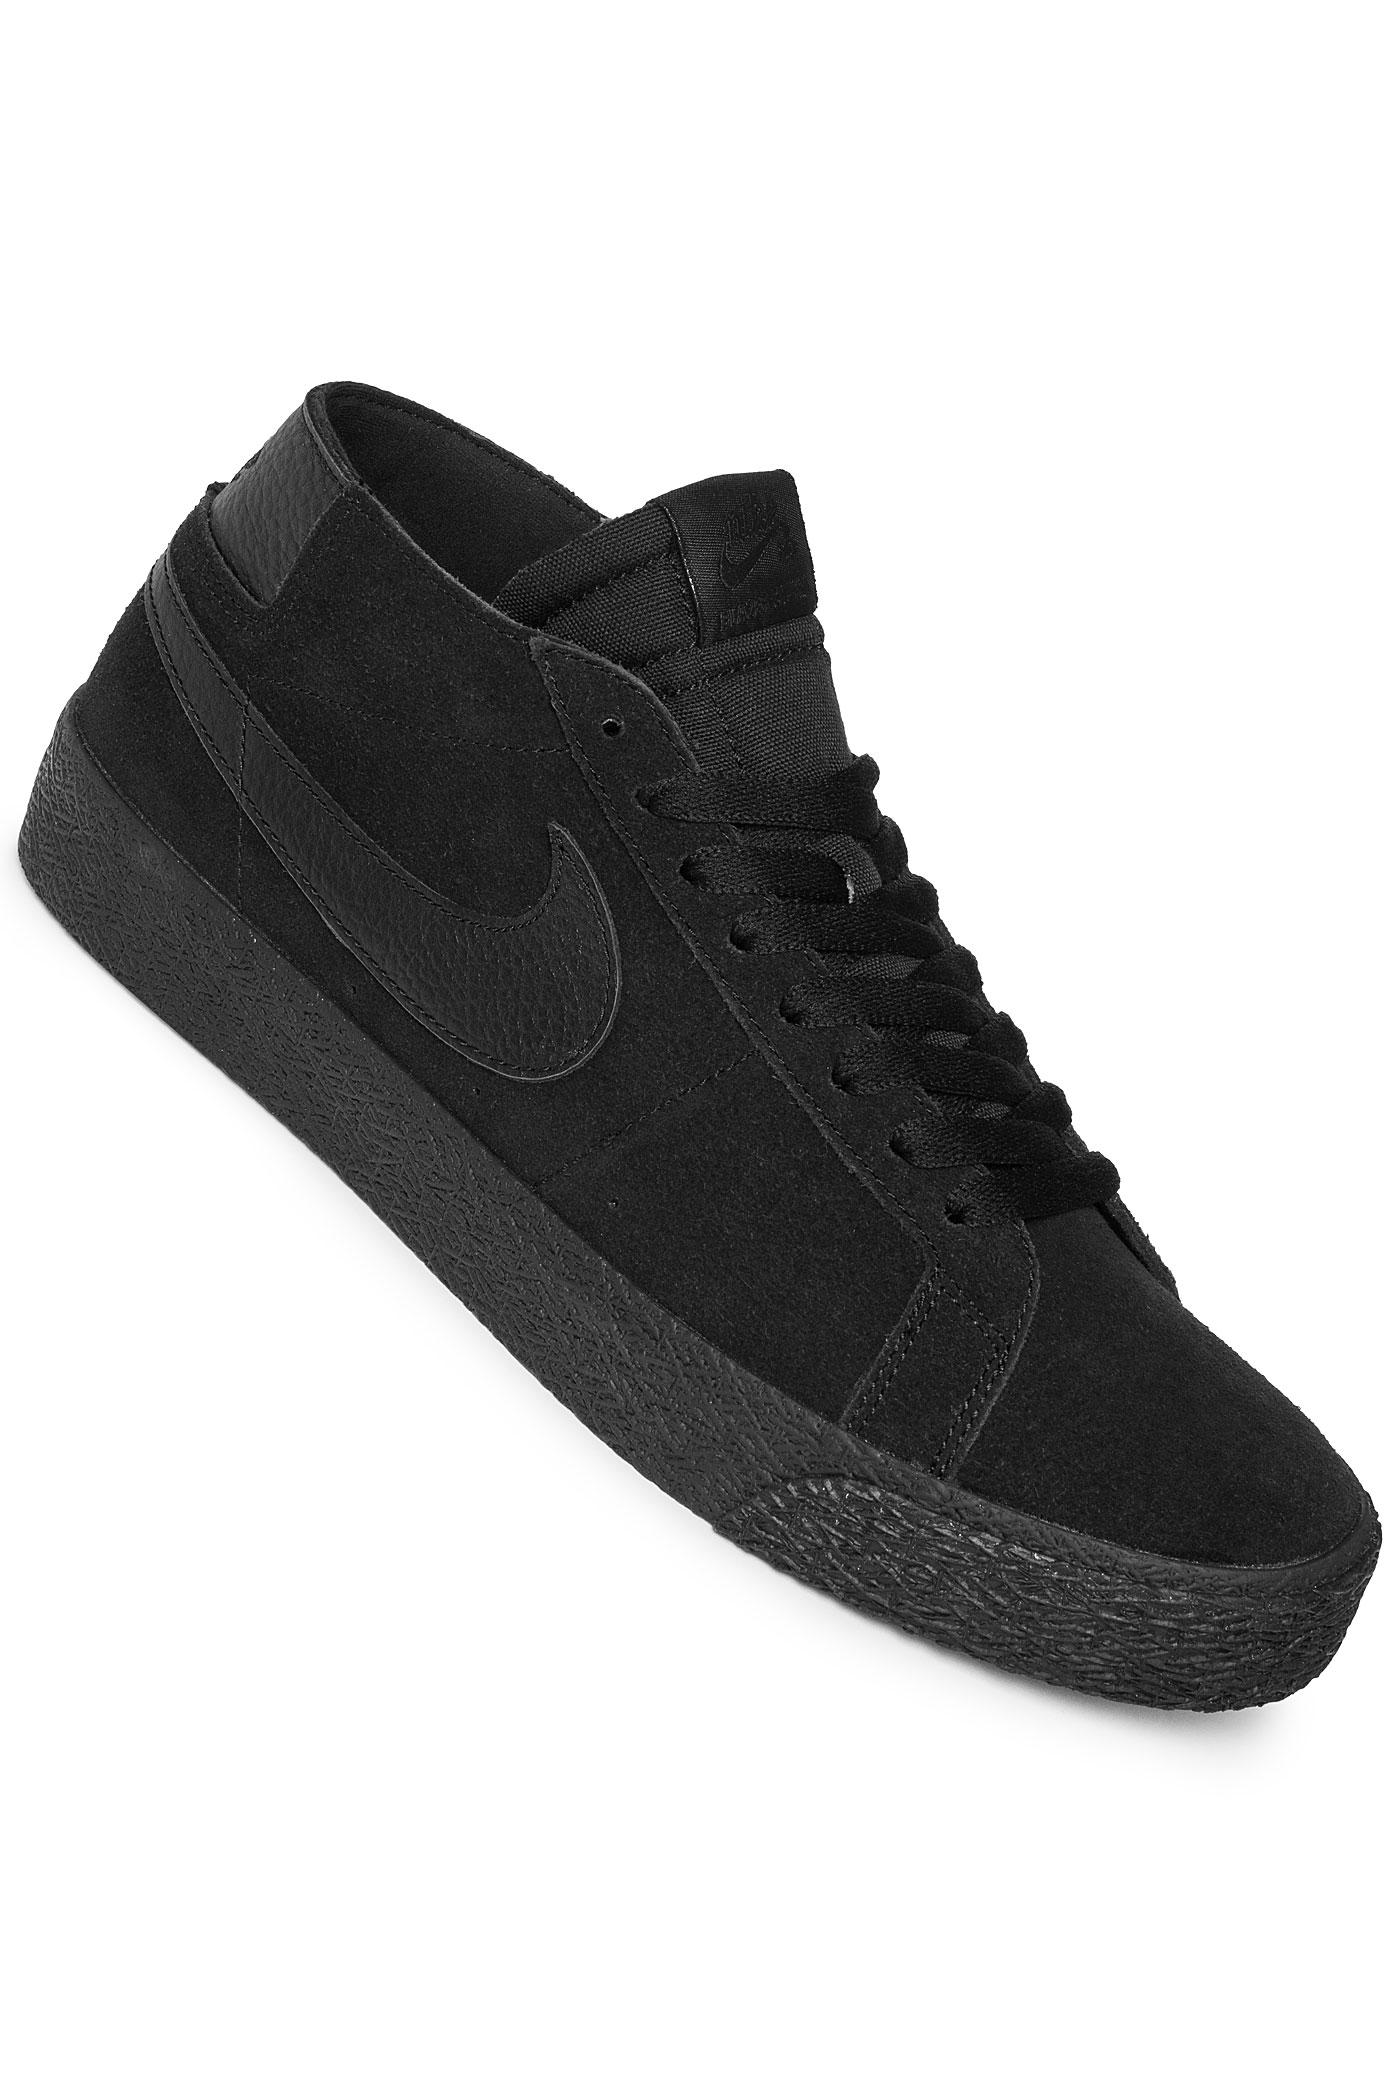 Chaussureblack Black Sb Chukka Nike Blazer Zoom TFJu3l1Kc